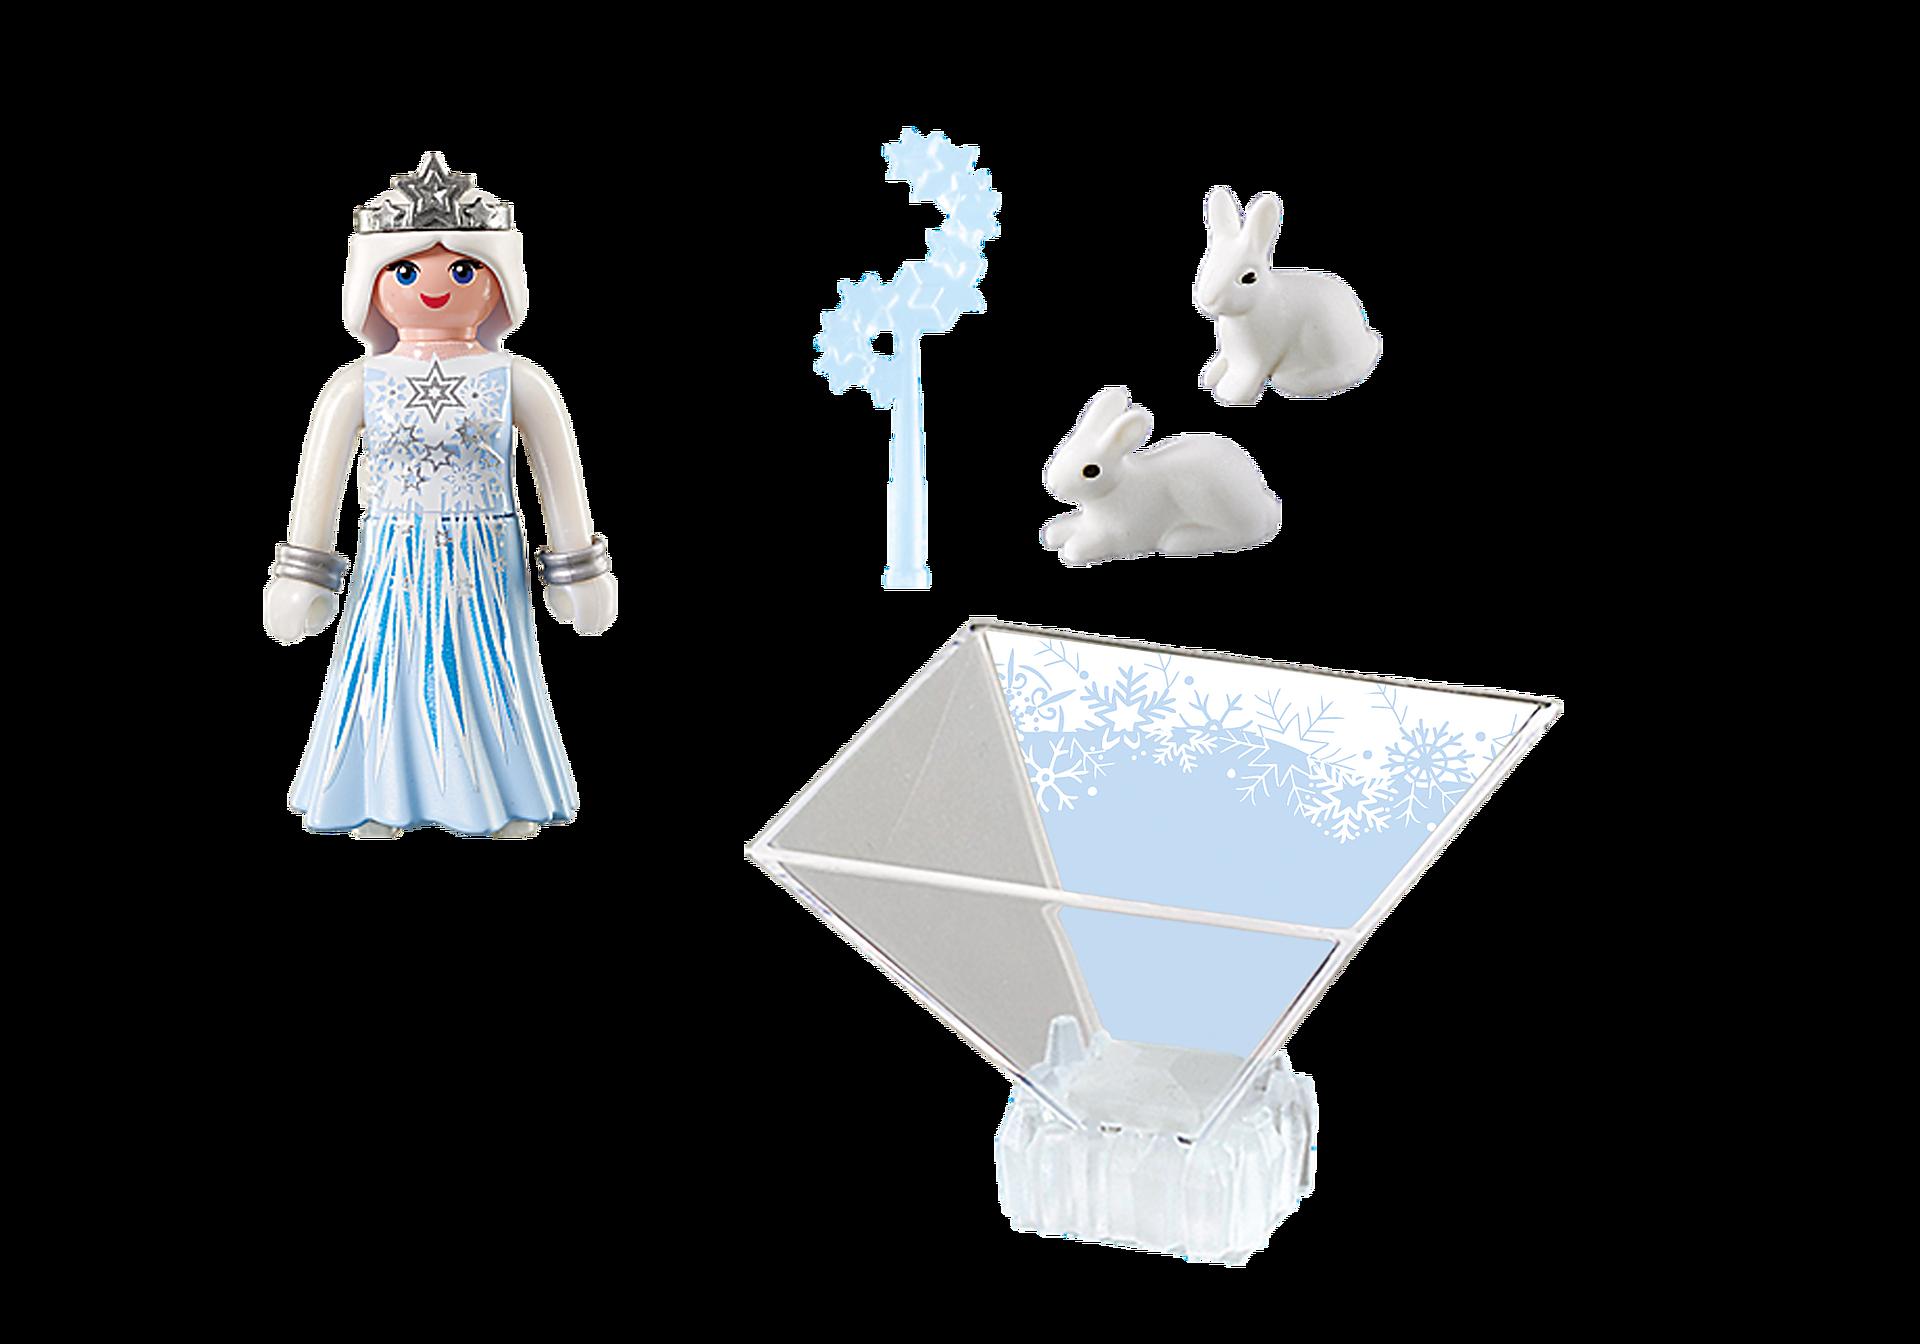 9352 Πριγκίπισσα του χειμώνα με λαγουδάκια zoom image4